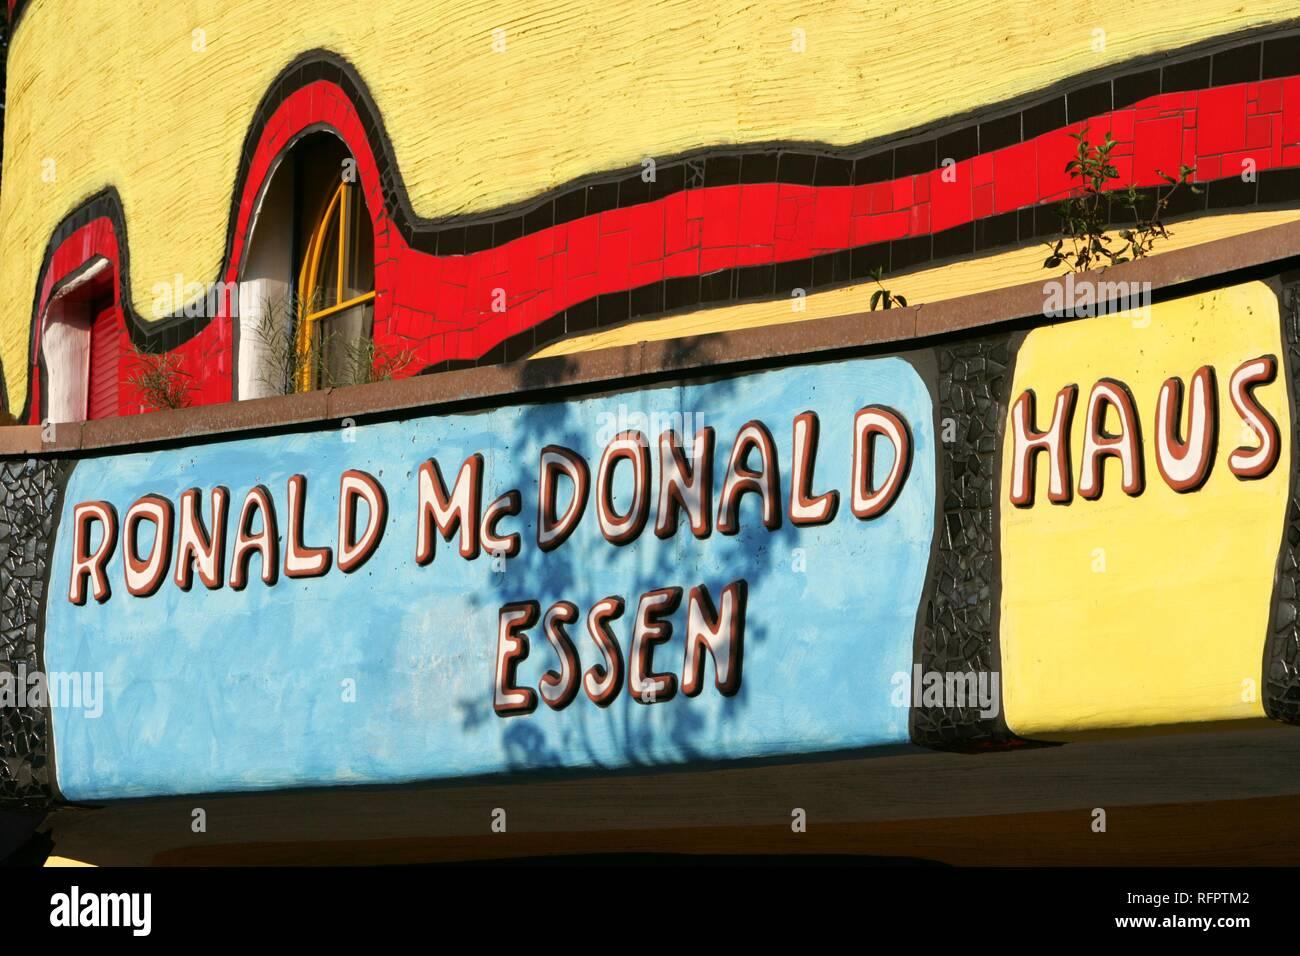 Ronald mcdonald haus essen